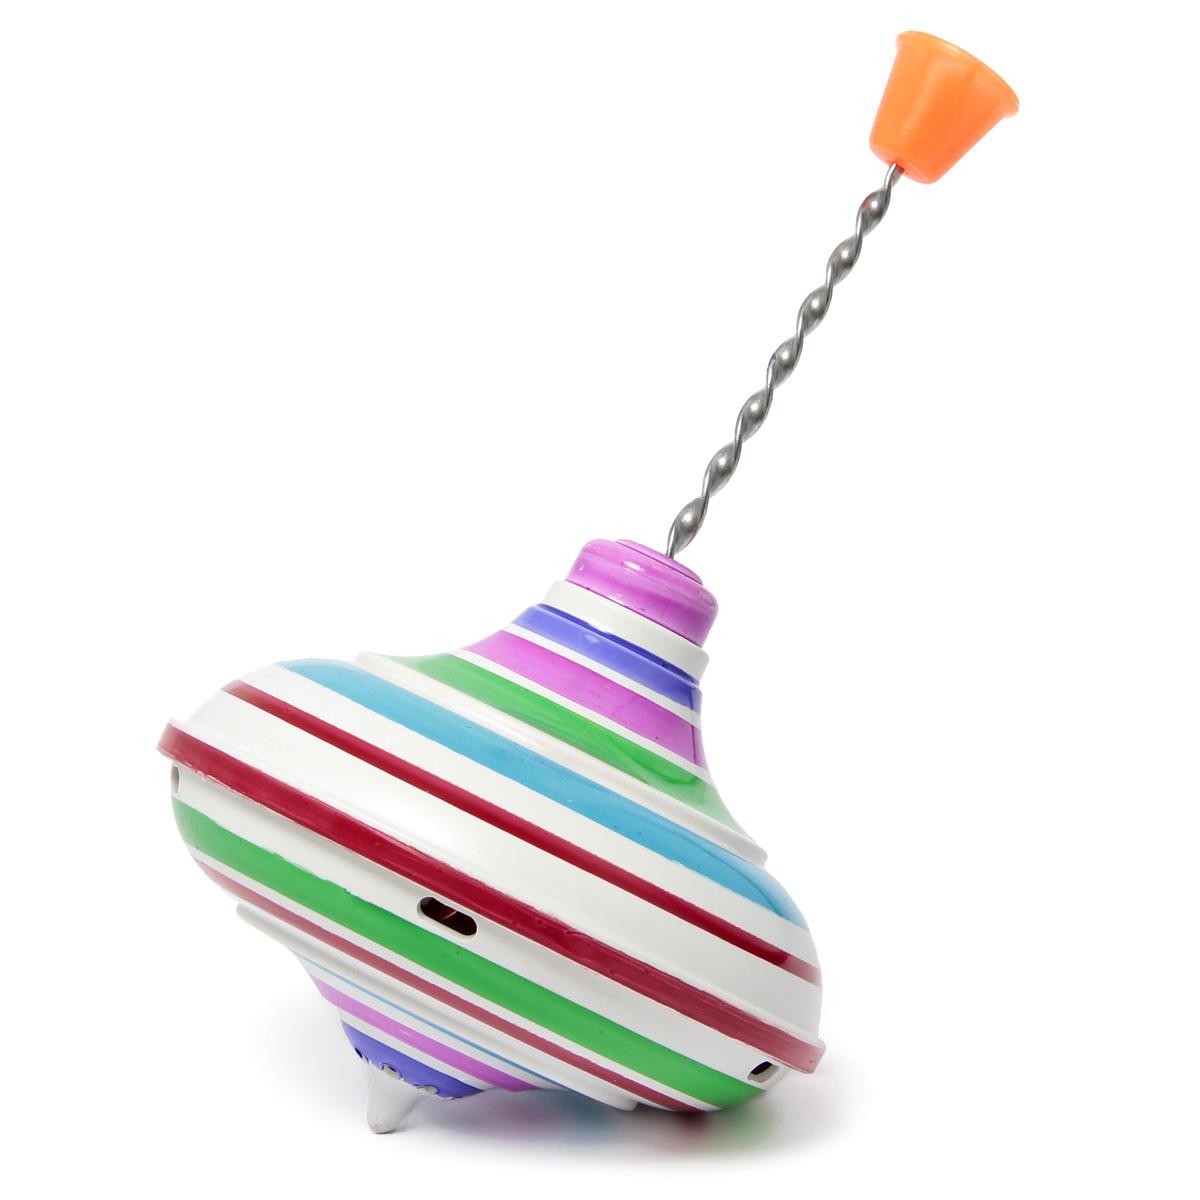 Юла Полосатая большаяП-0029Динамическая игрушка для малышей. Стимулирует познавательную активность, помогает ребенку в устанавлении причинно-следственных связей между действиями и явлениями, развивает координацию и моторику рук. Внутри игрушки, на двух ярусах, имеются пластмассовые шарики. Приведенная в движение юла гудит. Уважаемые клиенты! Обращаем ваше внимание на возможные изменения в цветовой гамме.